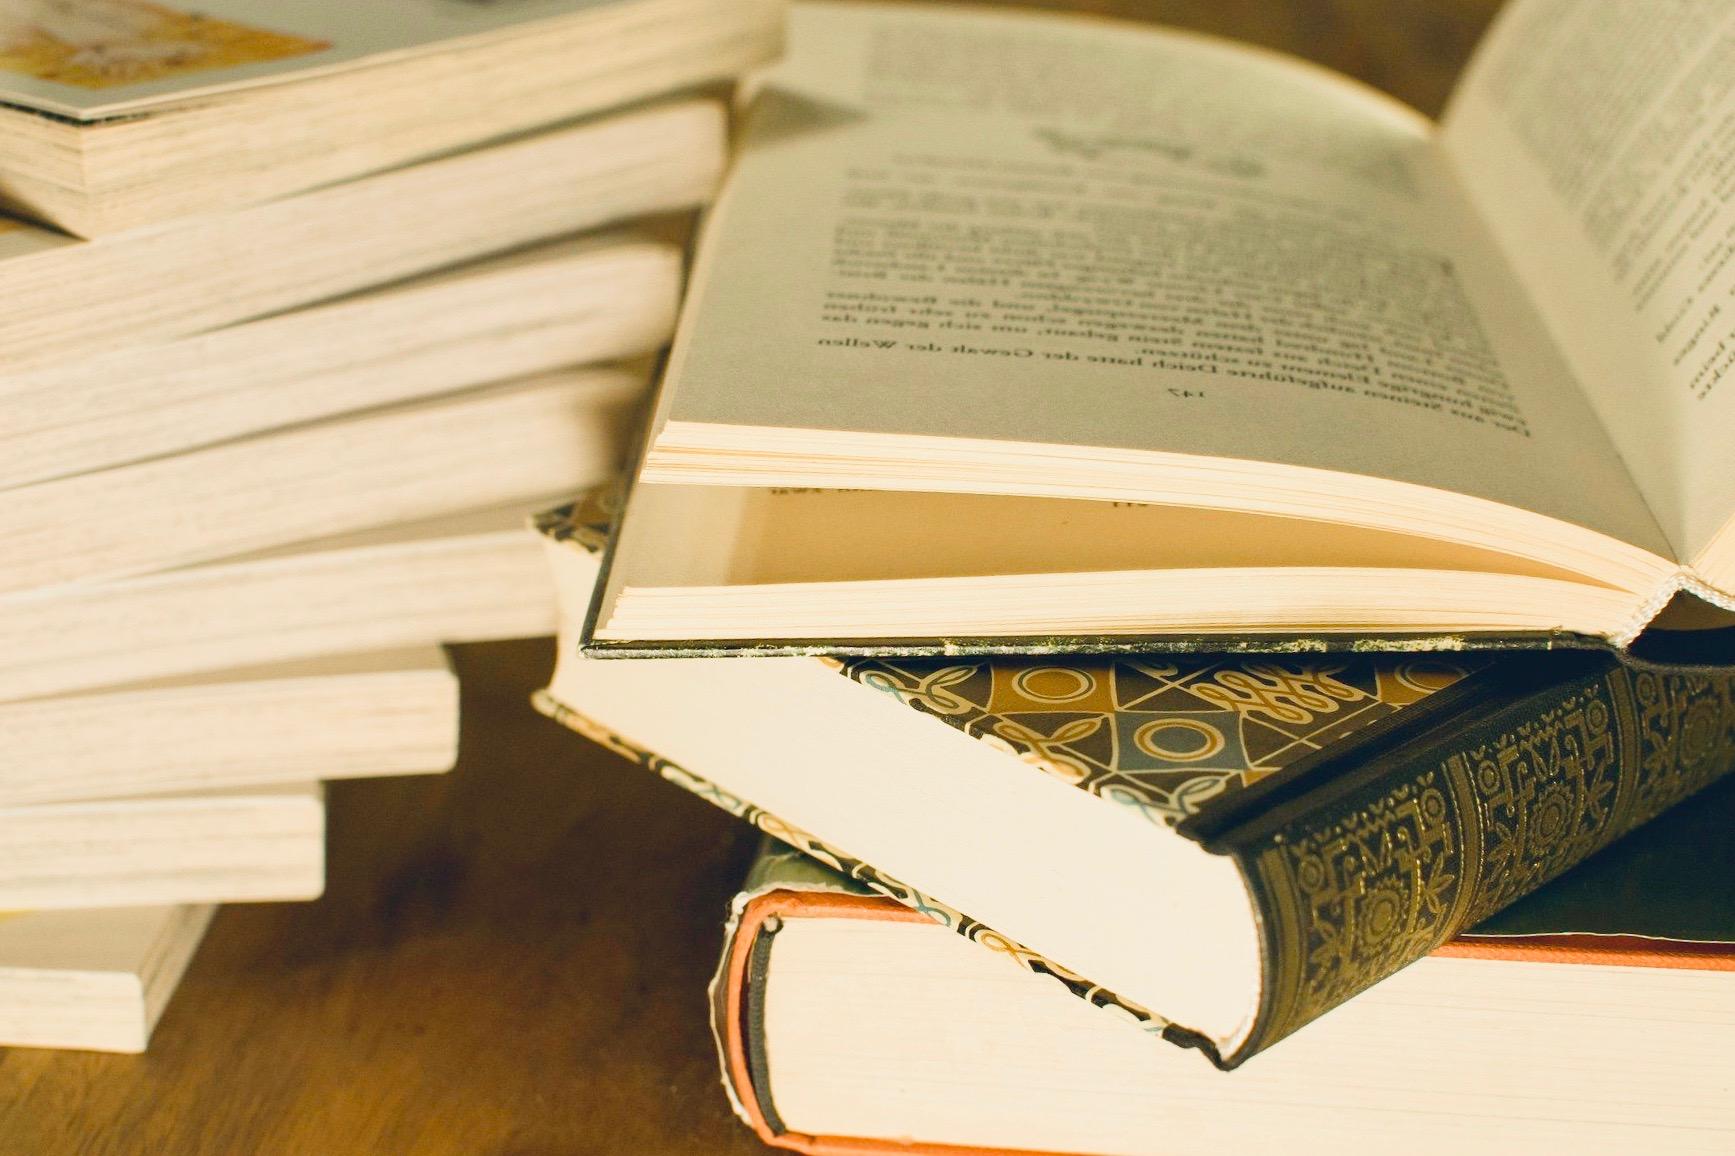 Где напечатать книгу. Важные моменты при заказе и печати тиража